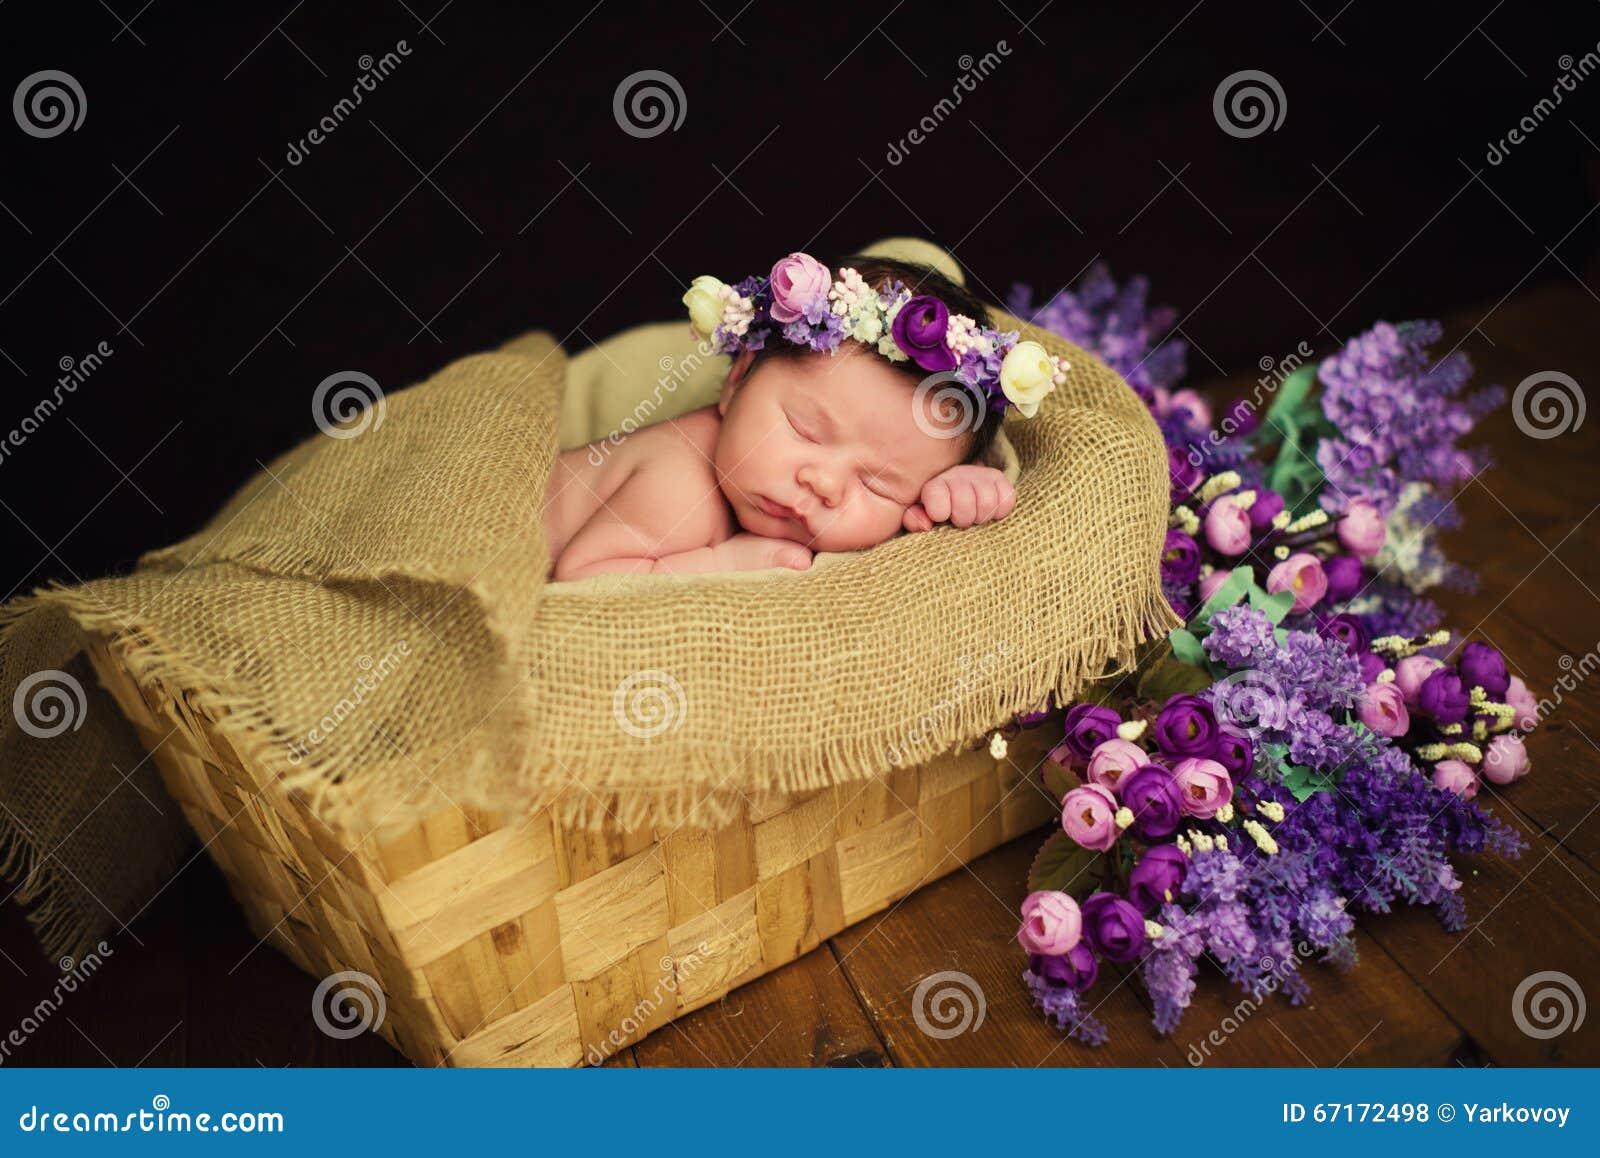 Le beau b b nouveau n avec une guirlande pourpre dort - Laver un bebe dans une douche ...